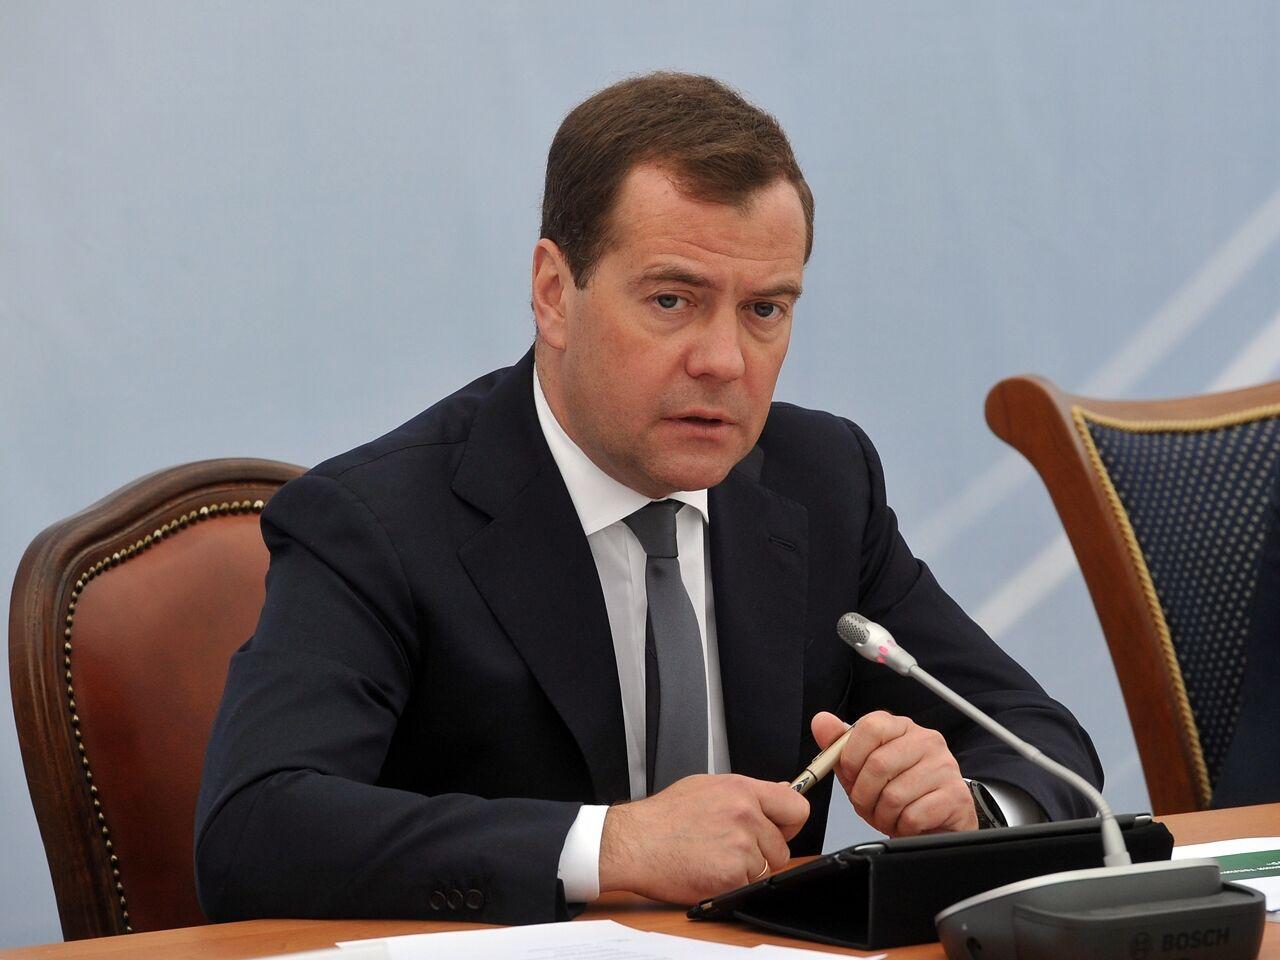 Новый перл Медведева: попросил «нерассказывать отрудностях»